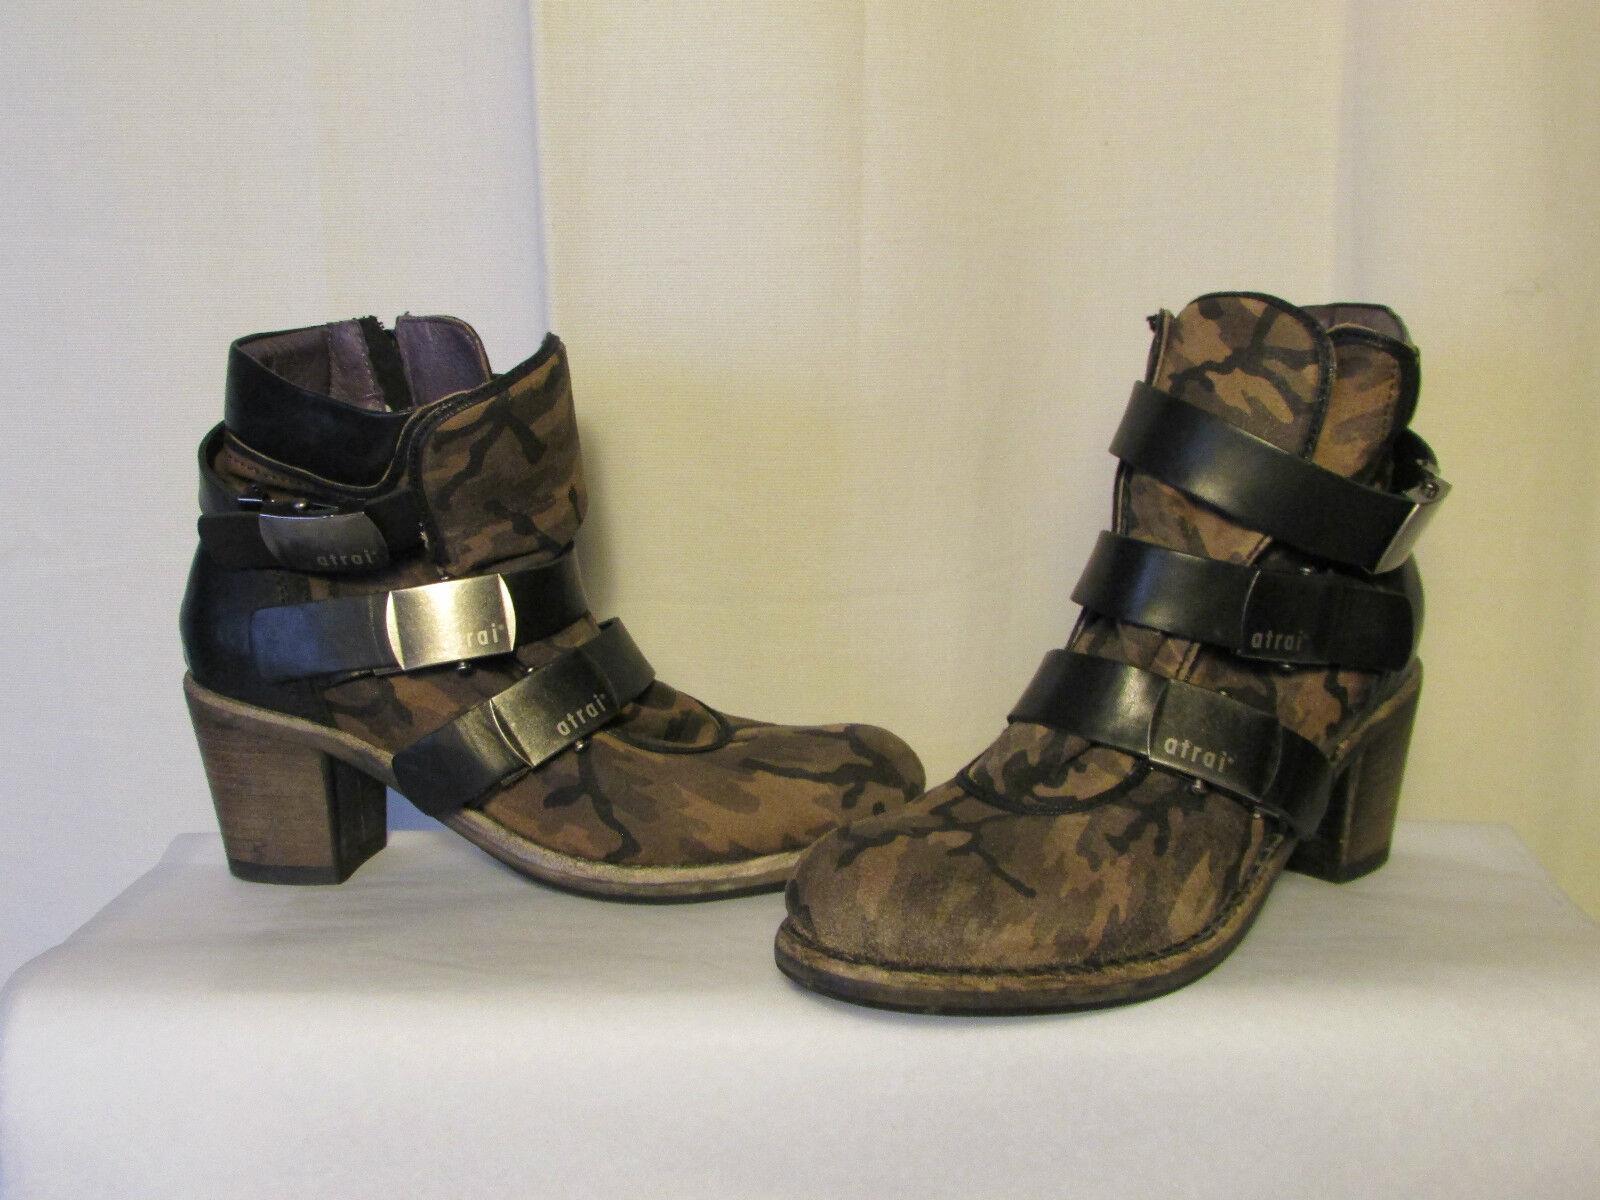 Stivali   Stivali Atrai Camoscio Camouflage e pelle Nero 41